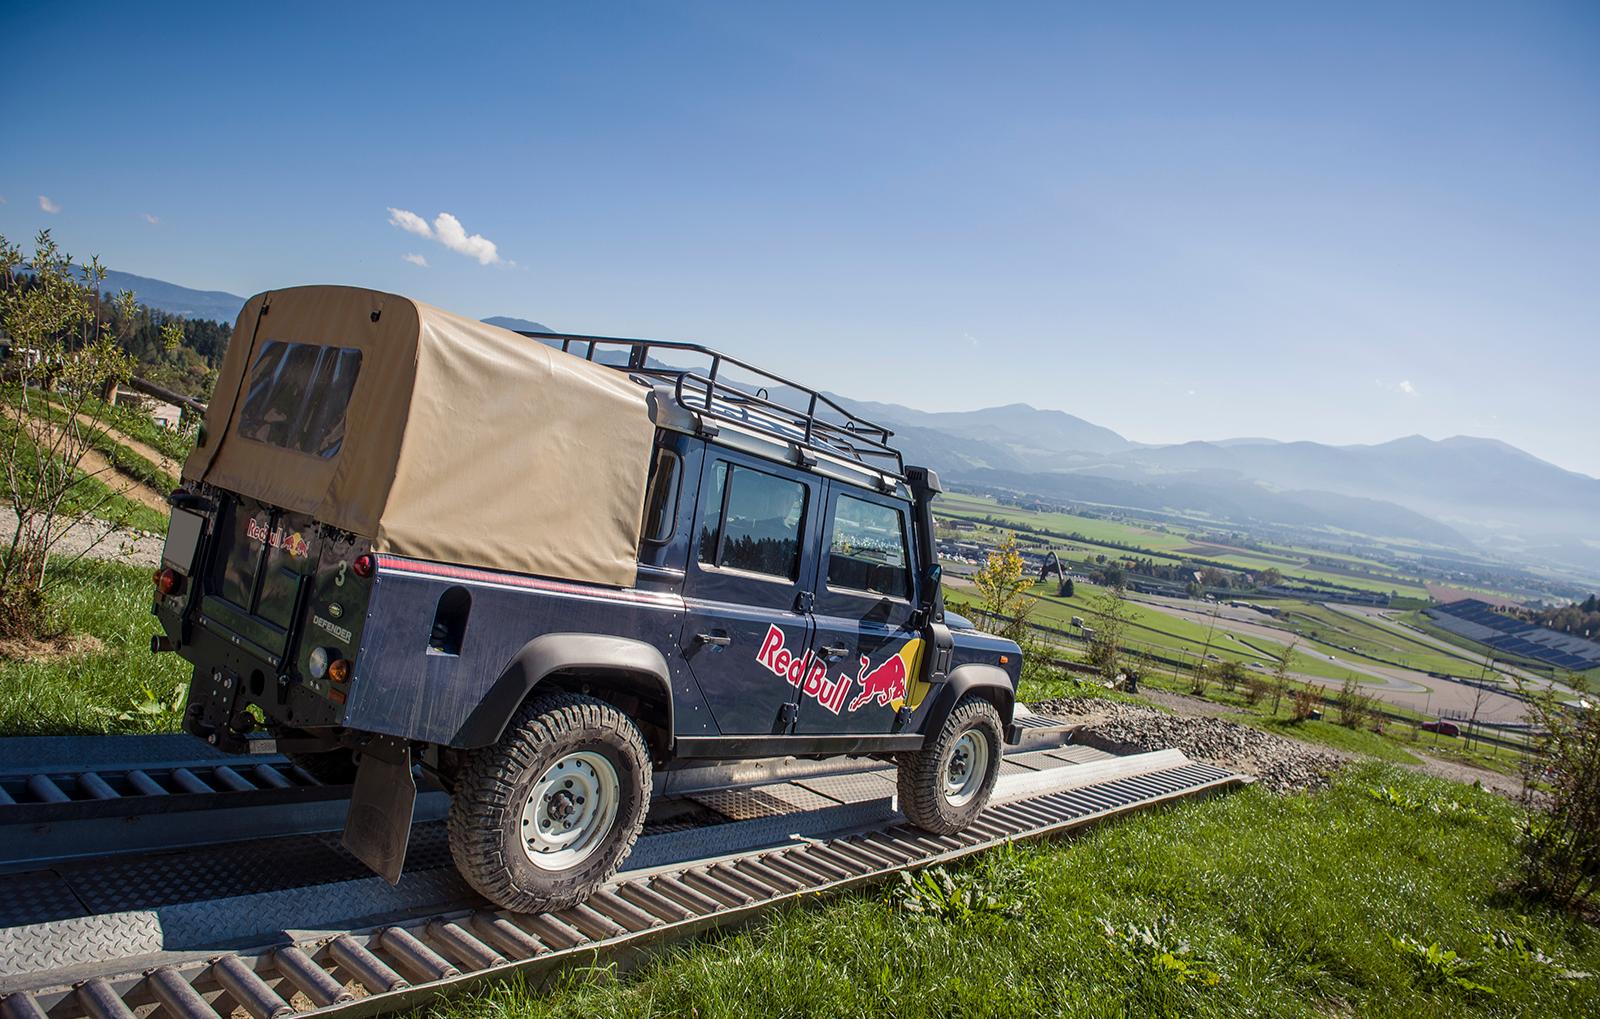 gelaendewagen-offroad-fahren-spielberg-bg5